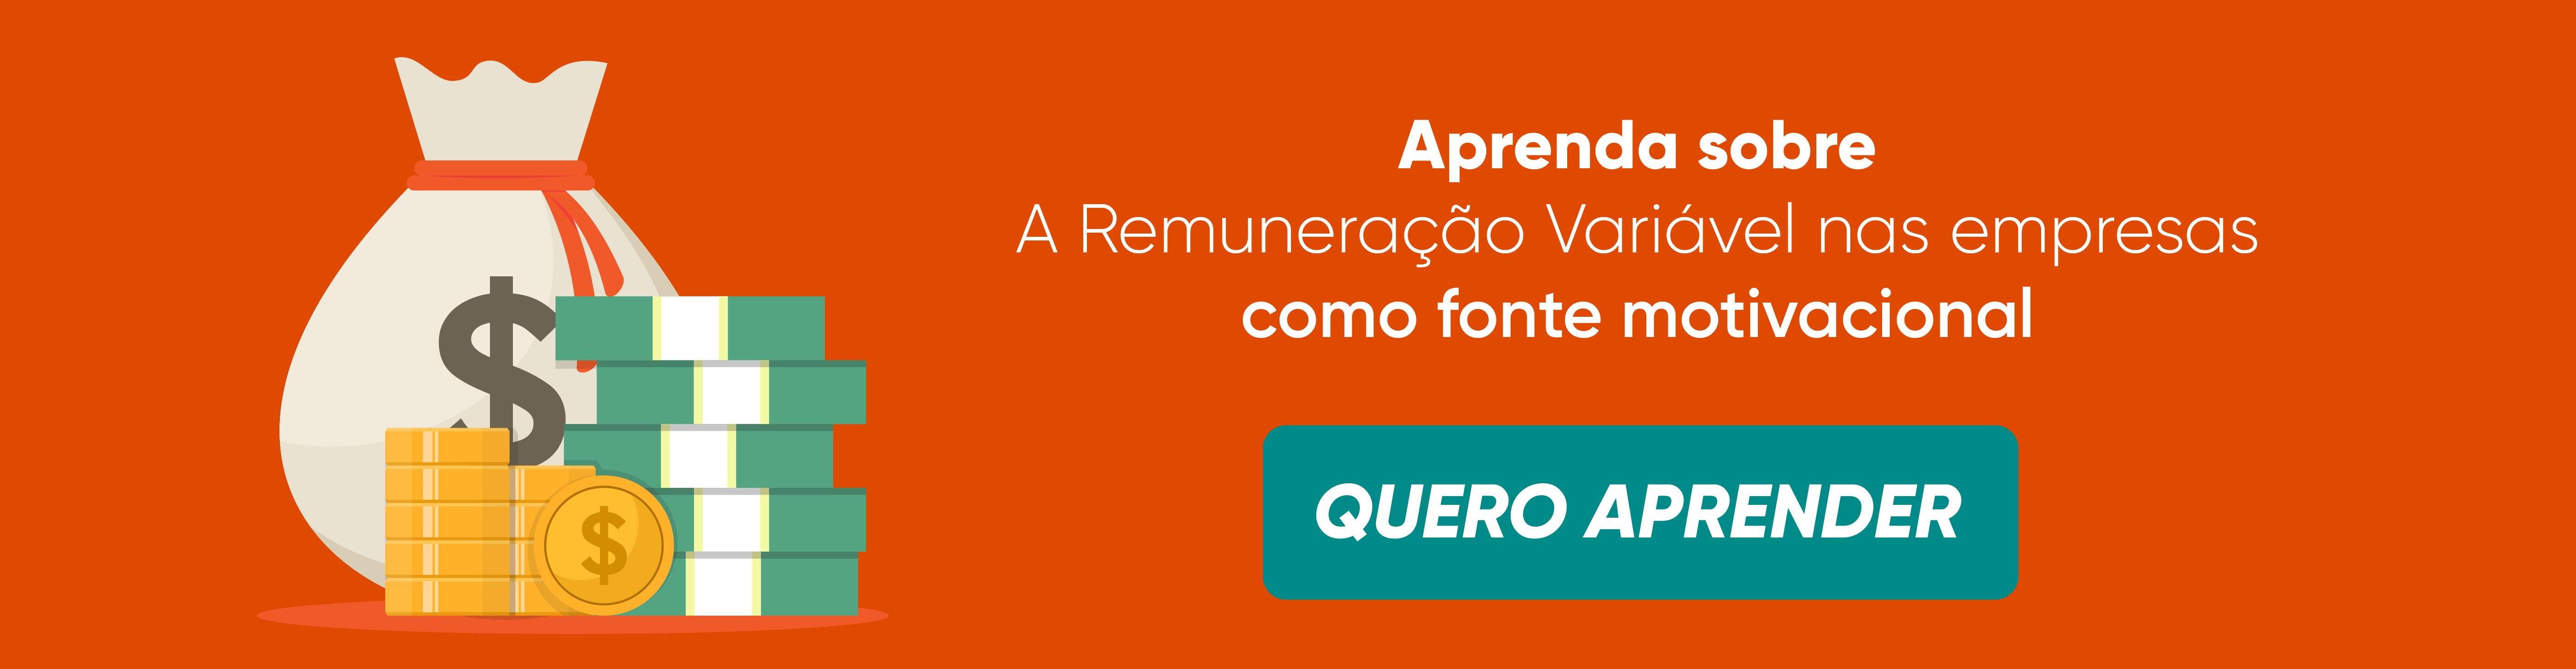 remuneracao_variavel_nas_empresas